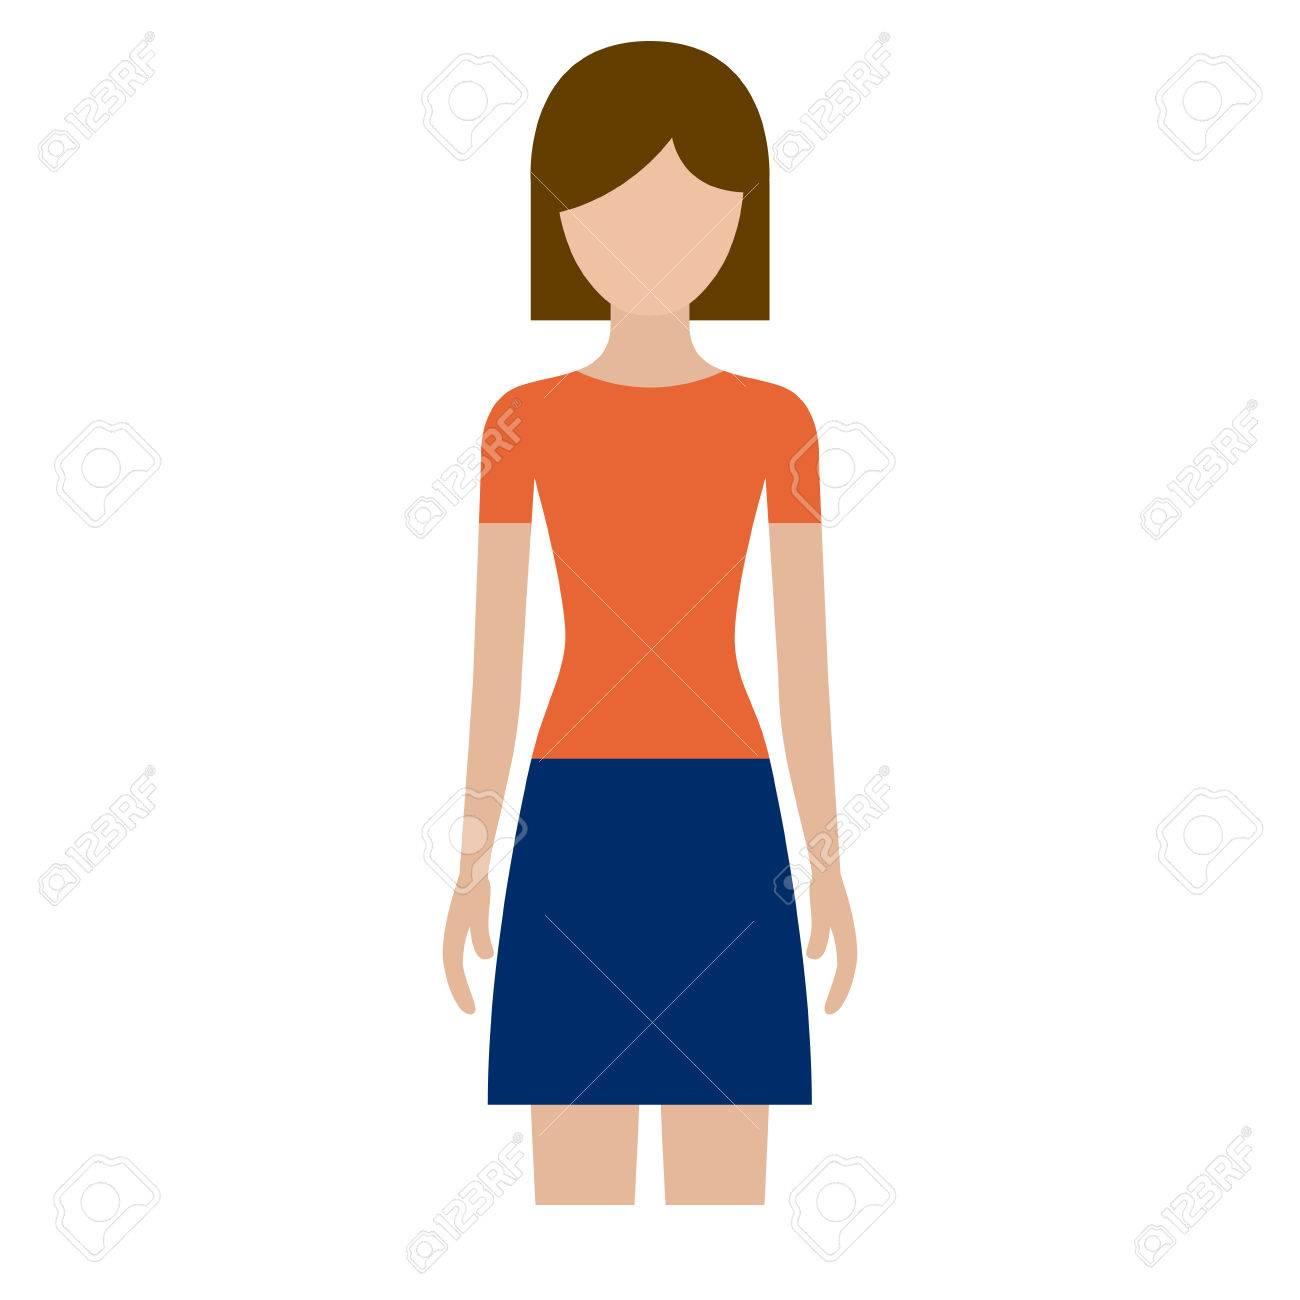 スカートや短い髪ベクトル イラストでカラフルなシルエット正面顔女性の